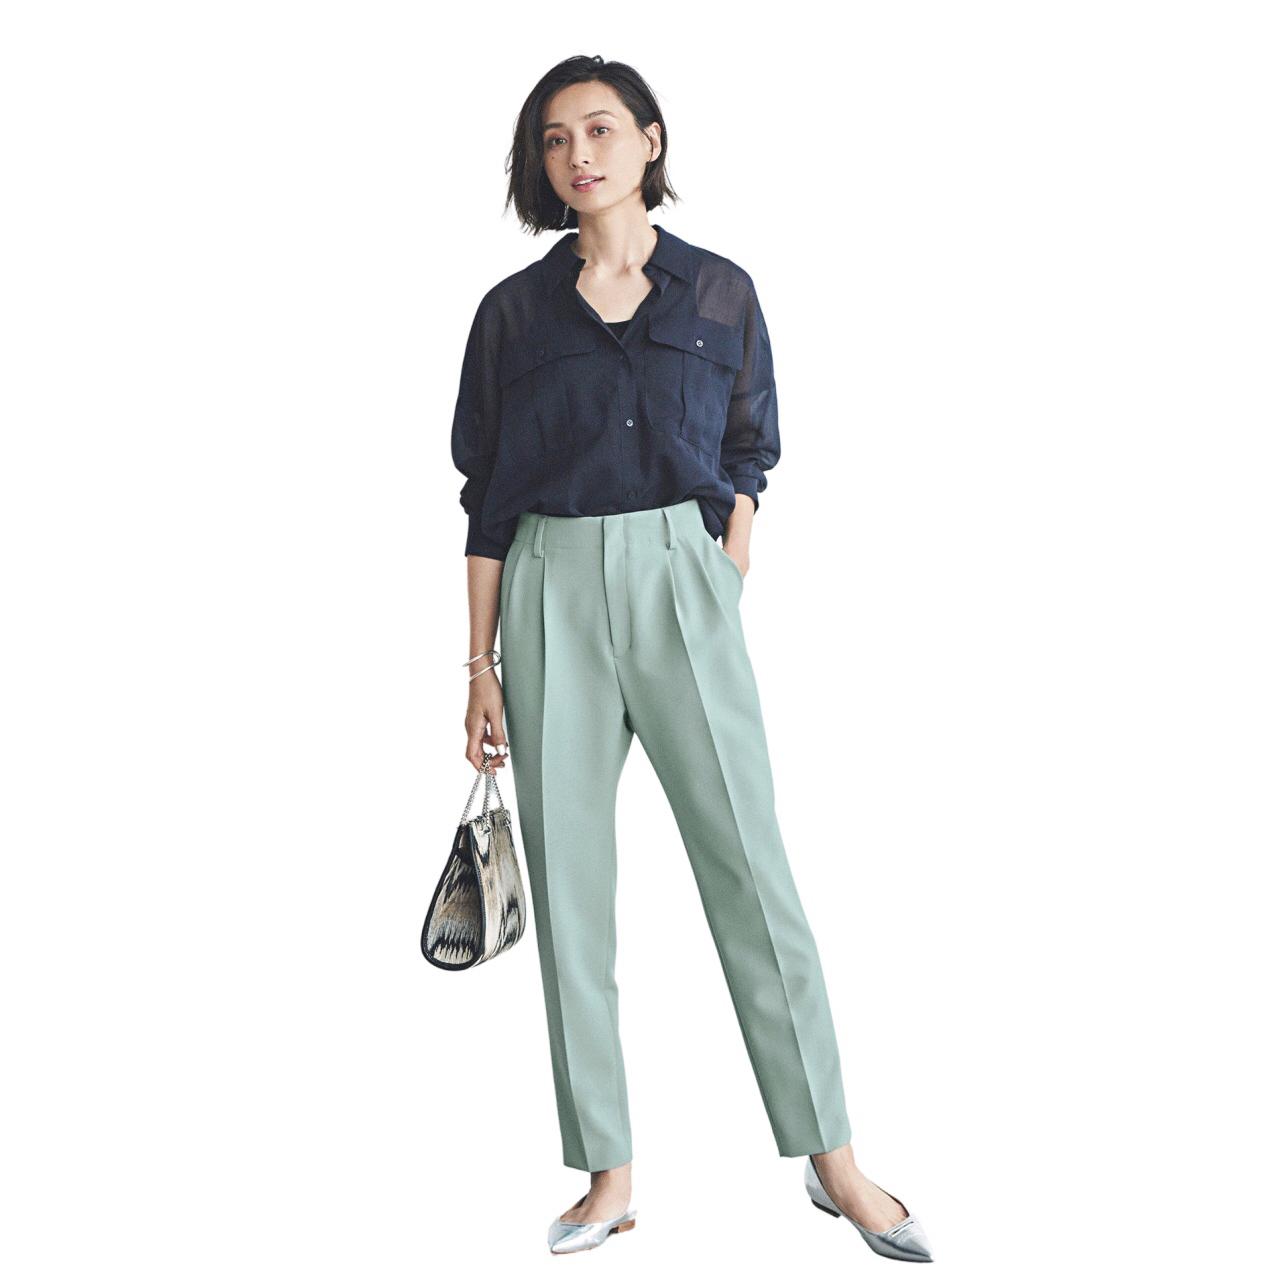 ネイビーシャツとミントグリーンパンツ モデル・小濱なつき